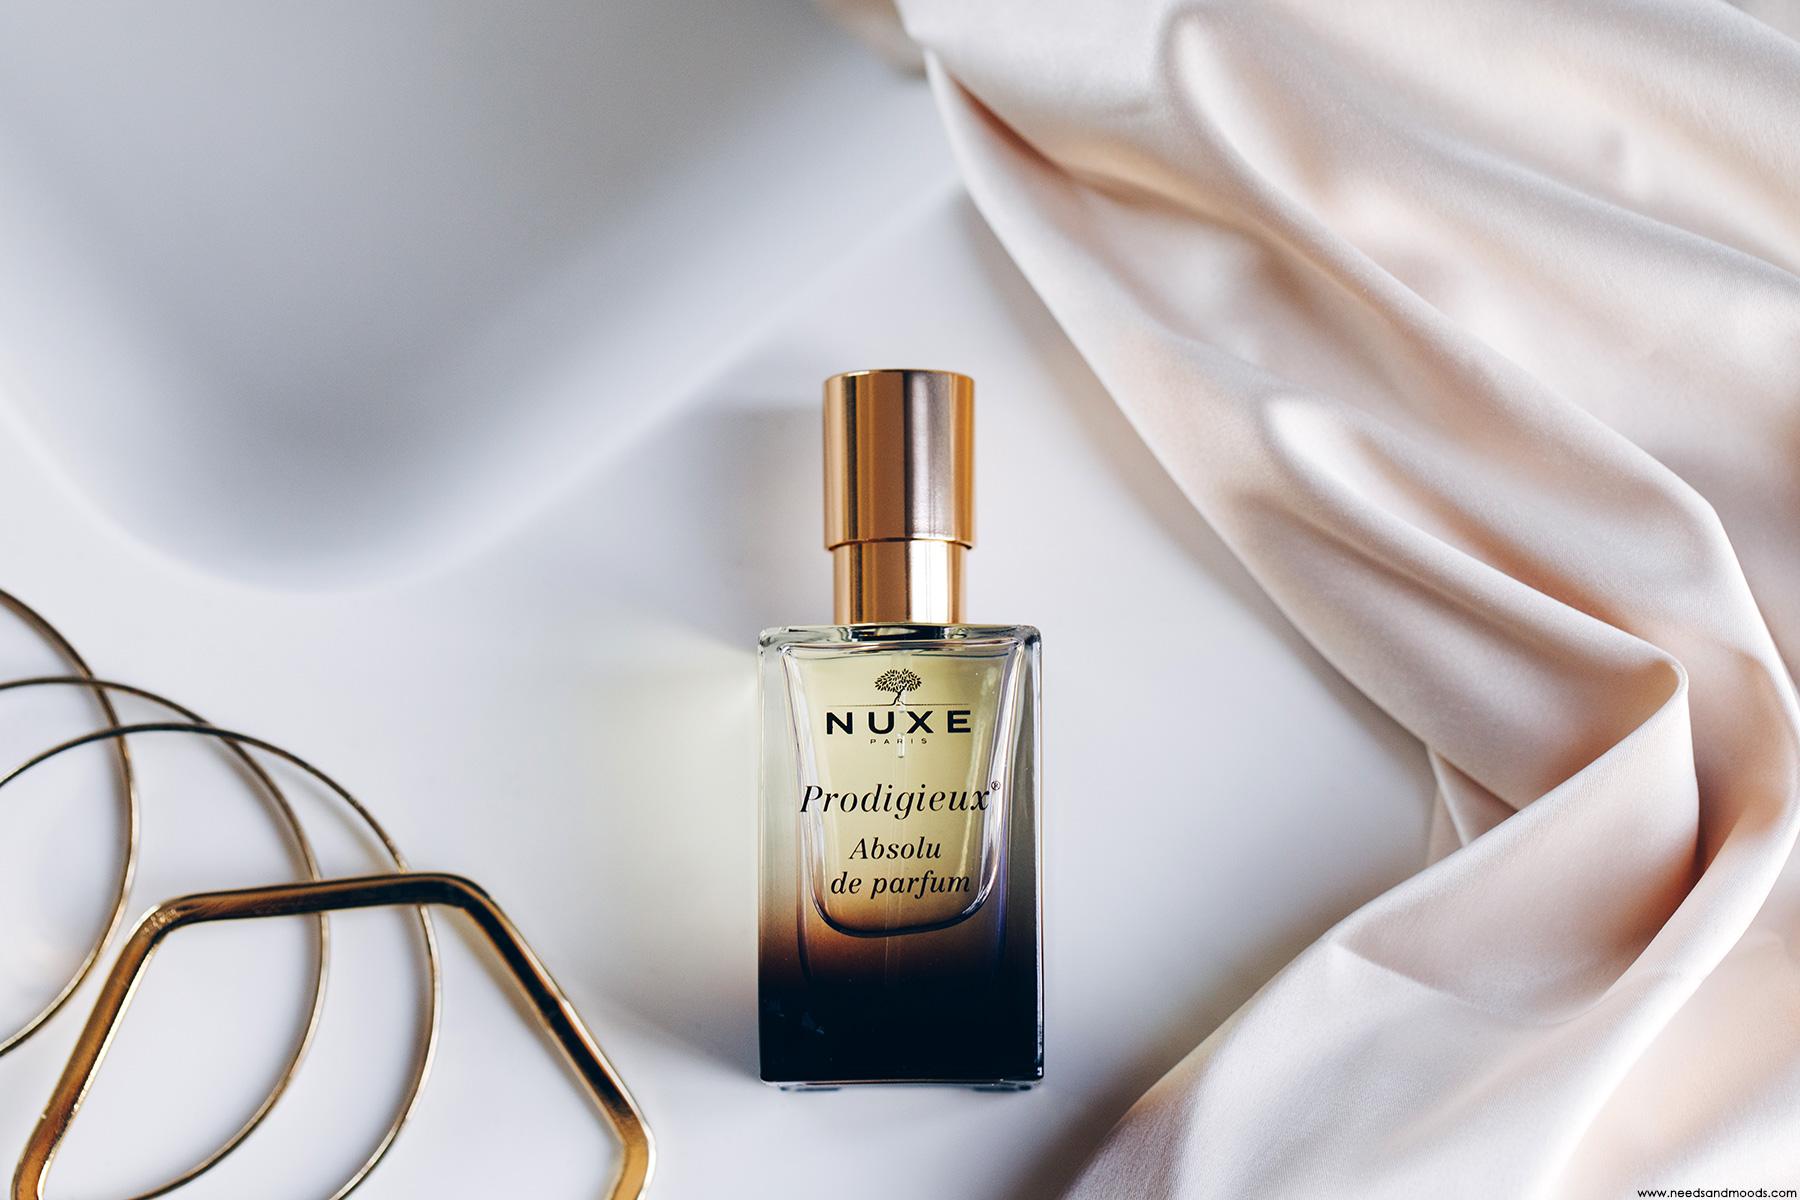 nuxe prodigieux absolu parfum